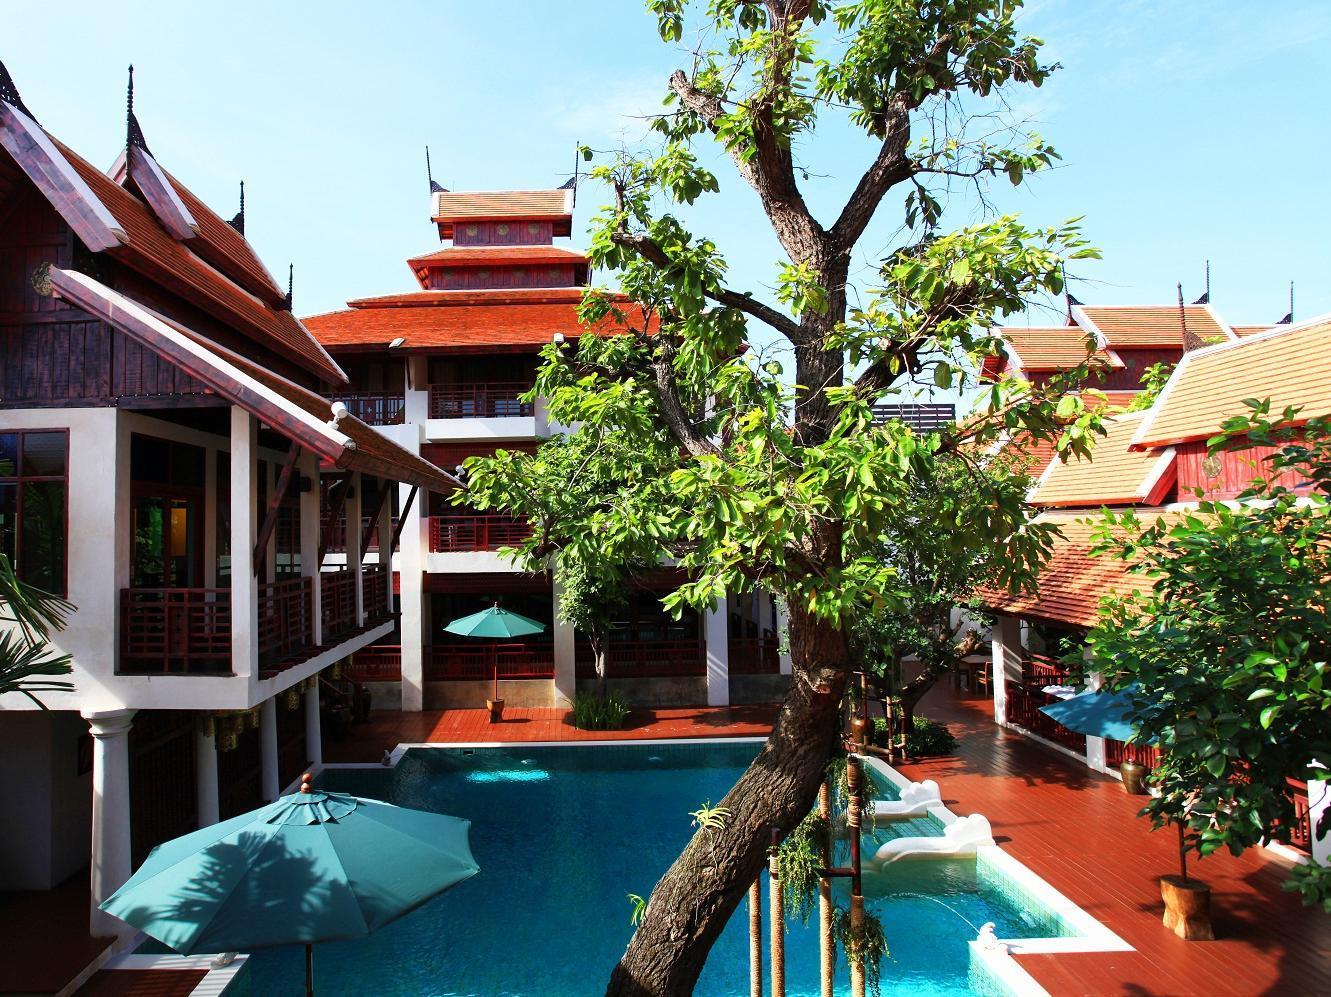 The Rim Chiang Mai Hotel - Chiang Mai